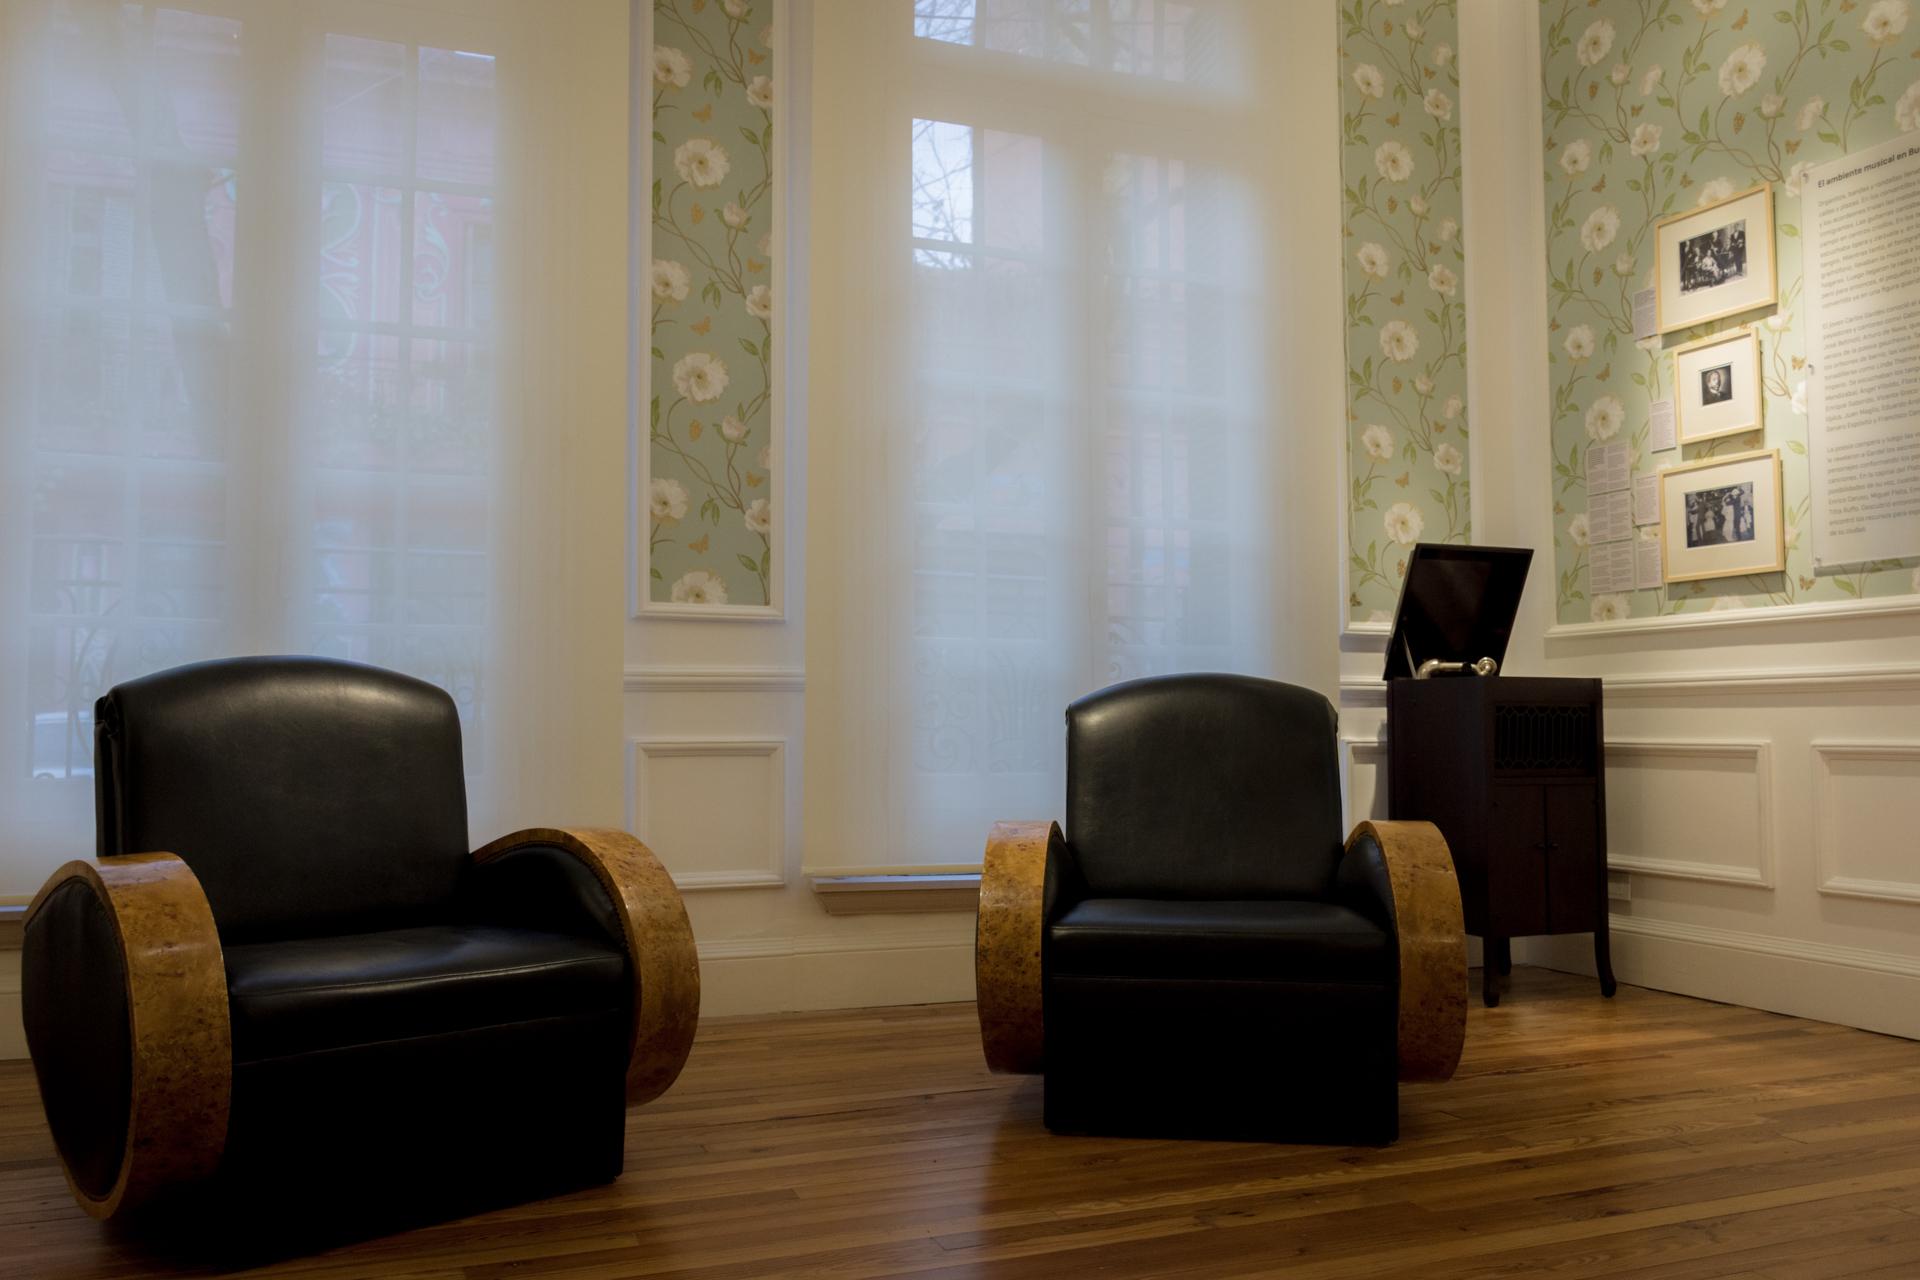 Una de las habitaciones en el Museo que refleja los muebles de la época. (Martín Rosenzveig)